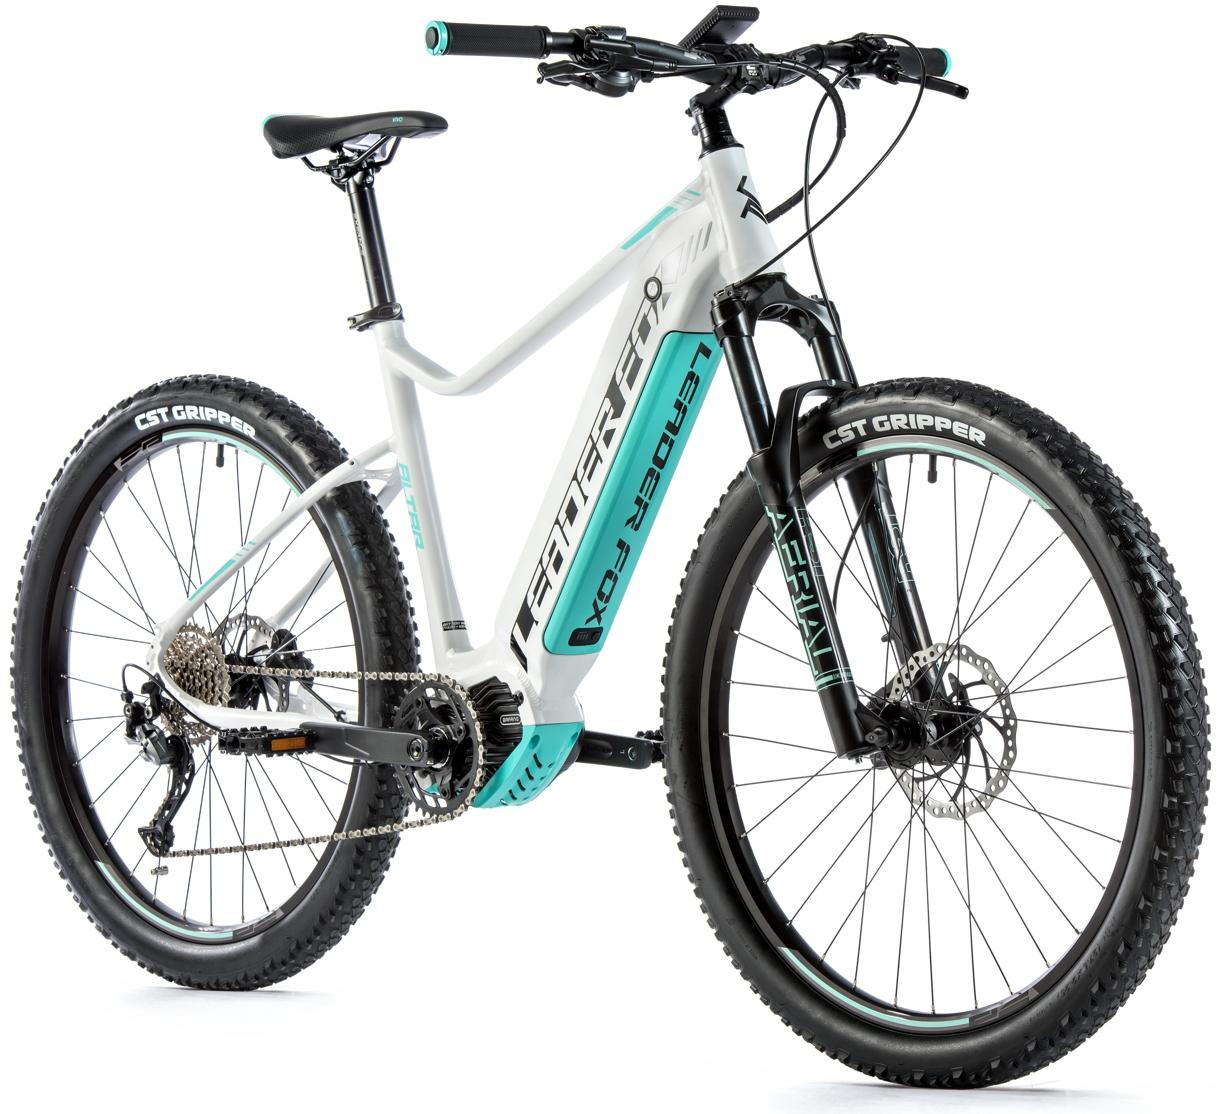 Bicicleta electrica MTB Leader Fox Altar 27.5 inch, 2020